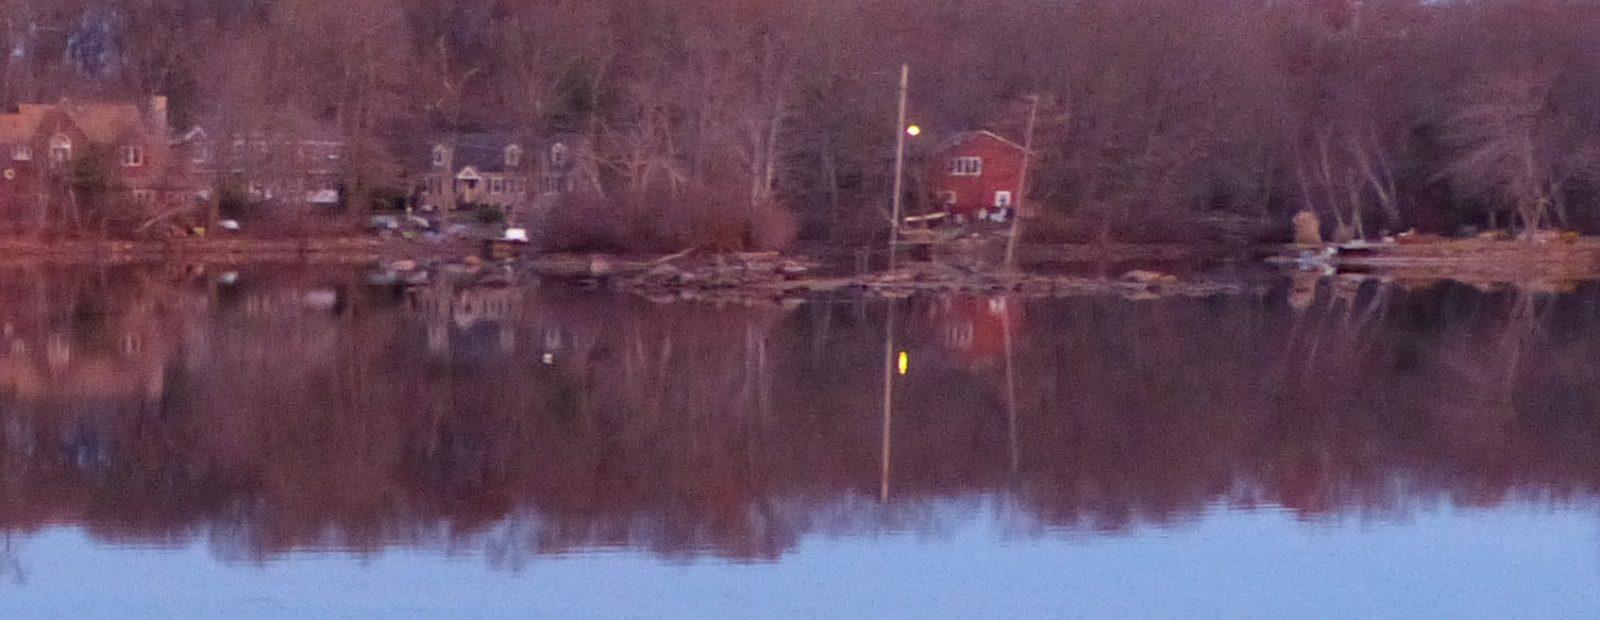 Quietude over Cedar Lake